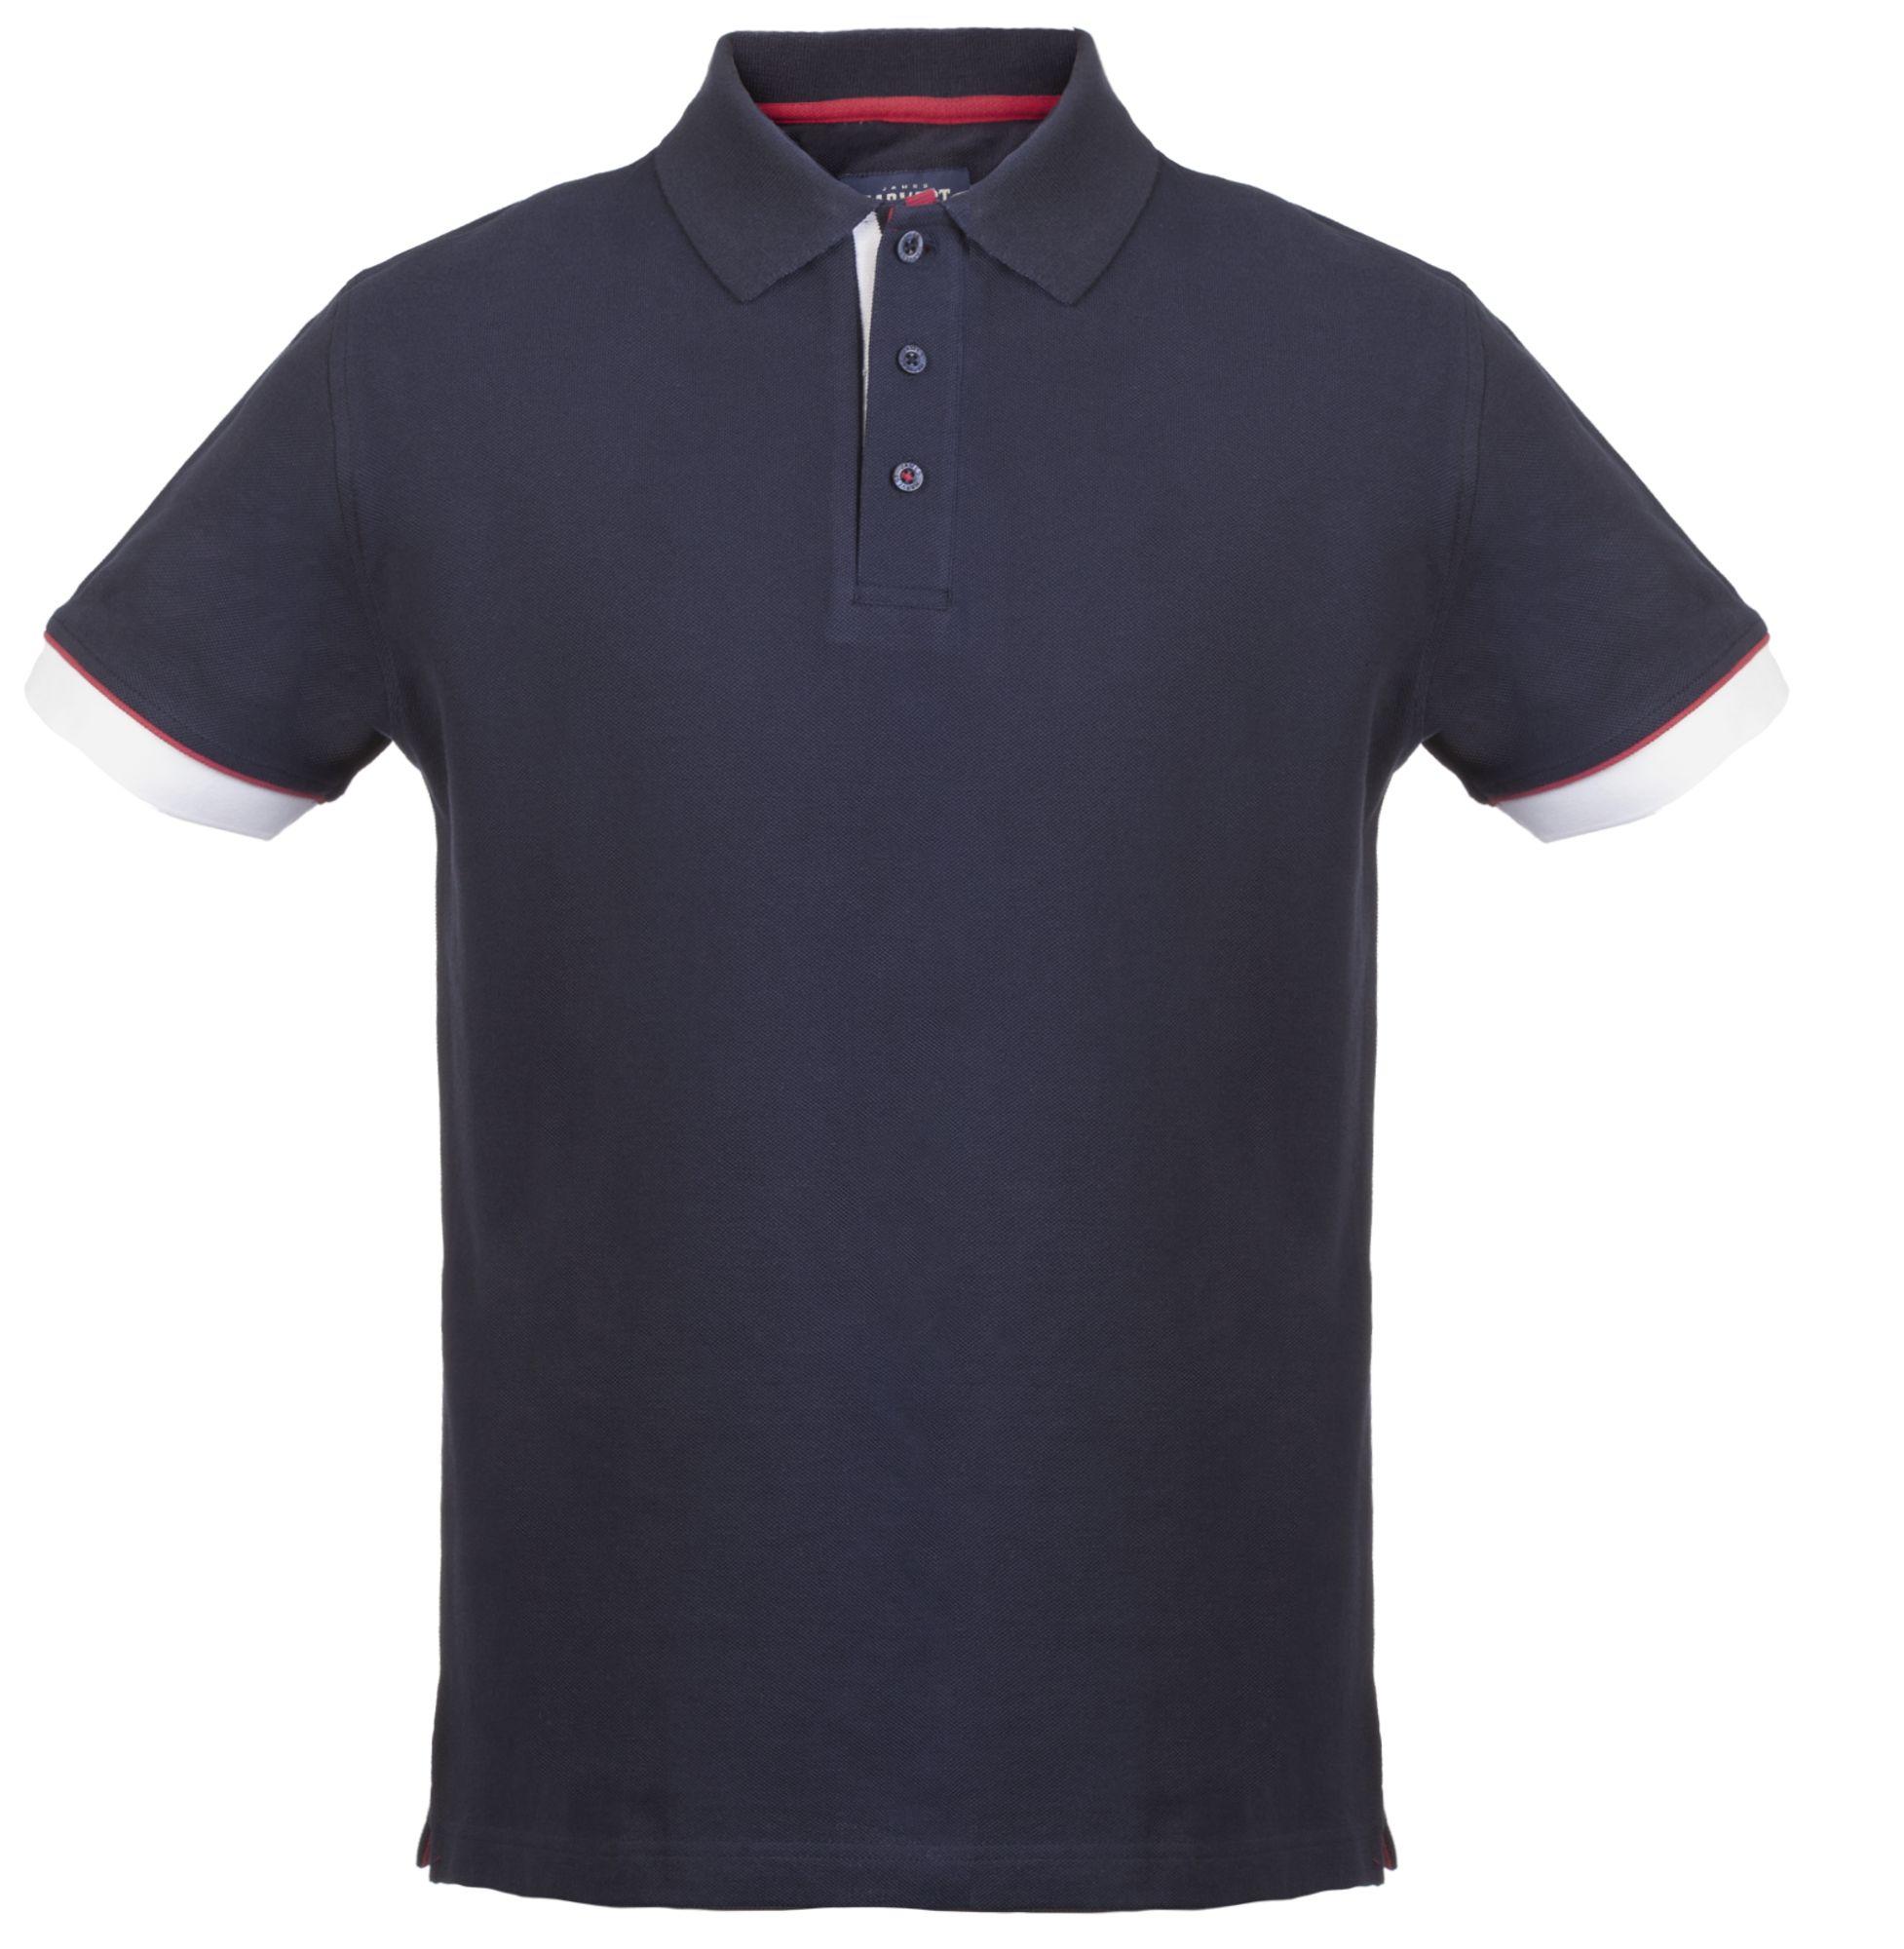 Рубашка поло мужская ANDERSON, темно-синяя с белым